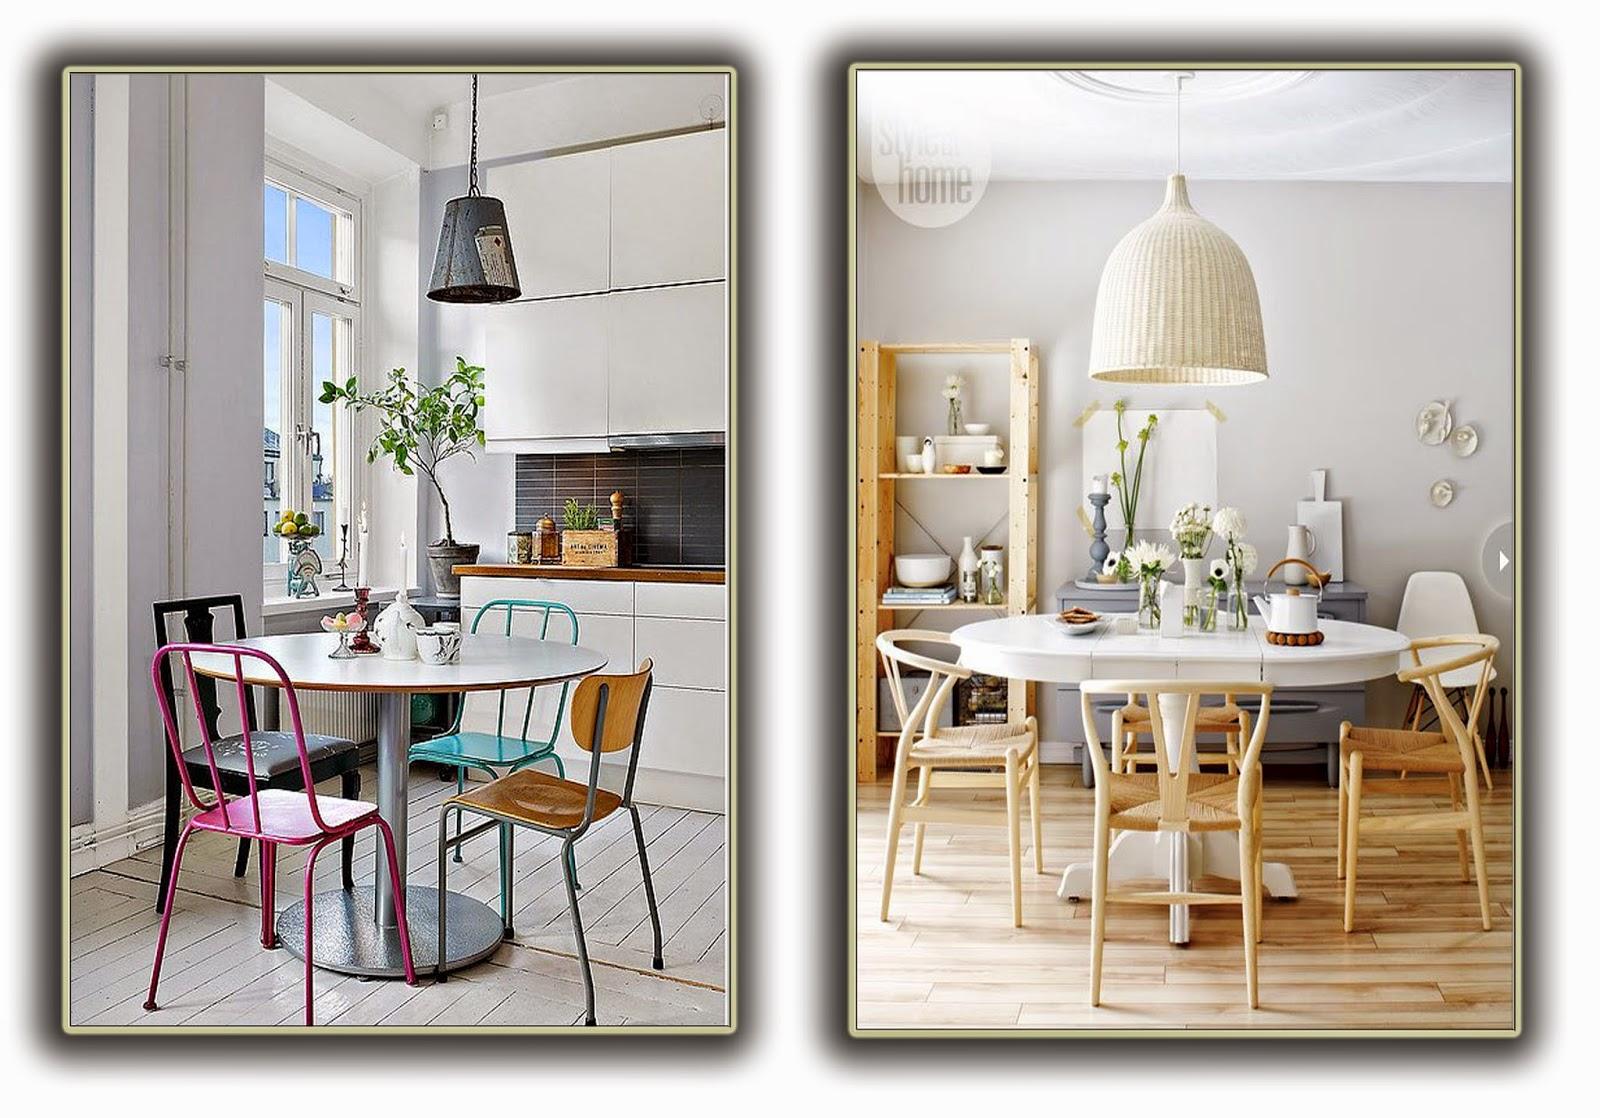 La kasa imperfetta regole per il design scandinavo